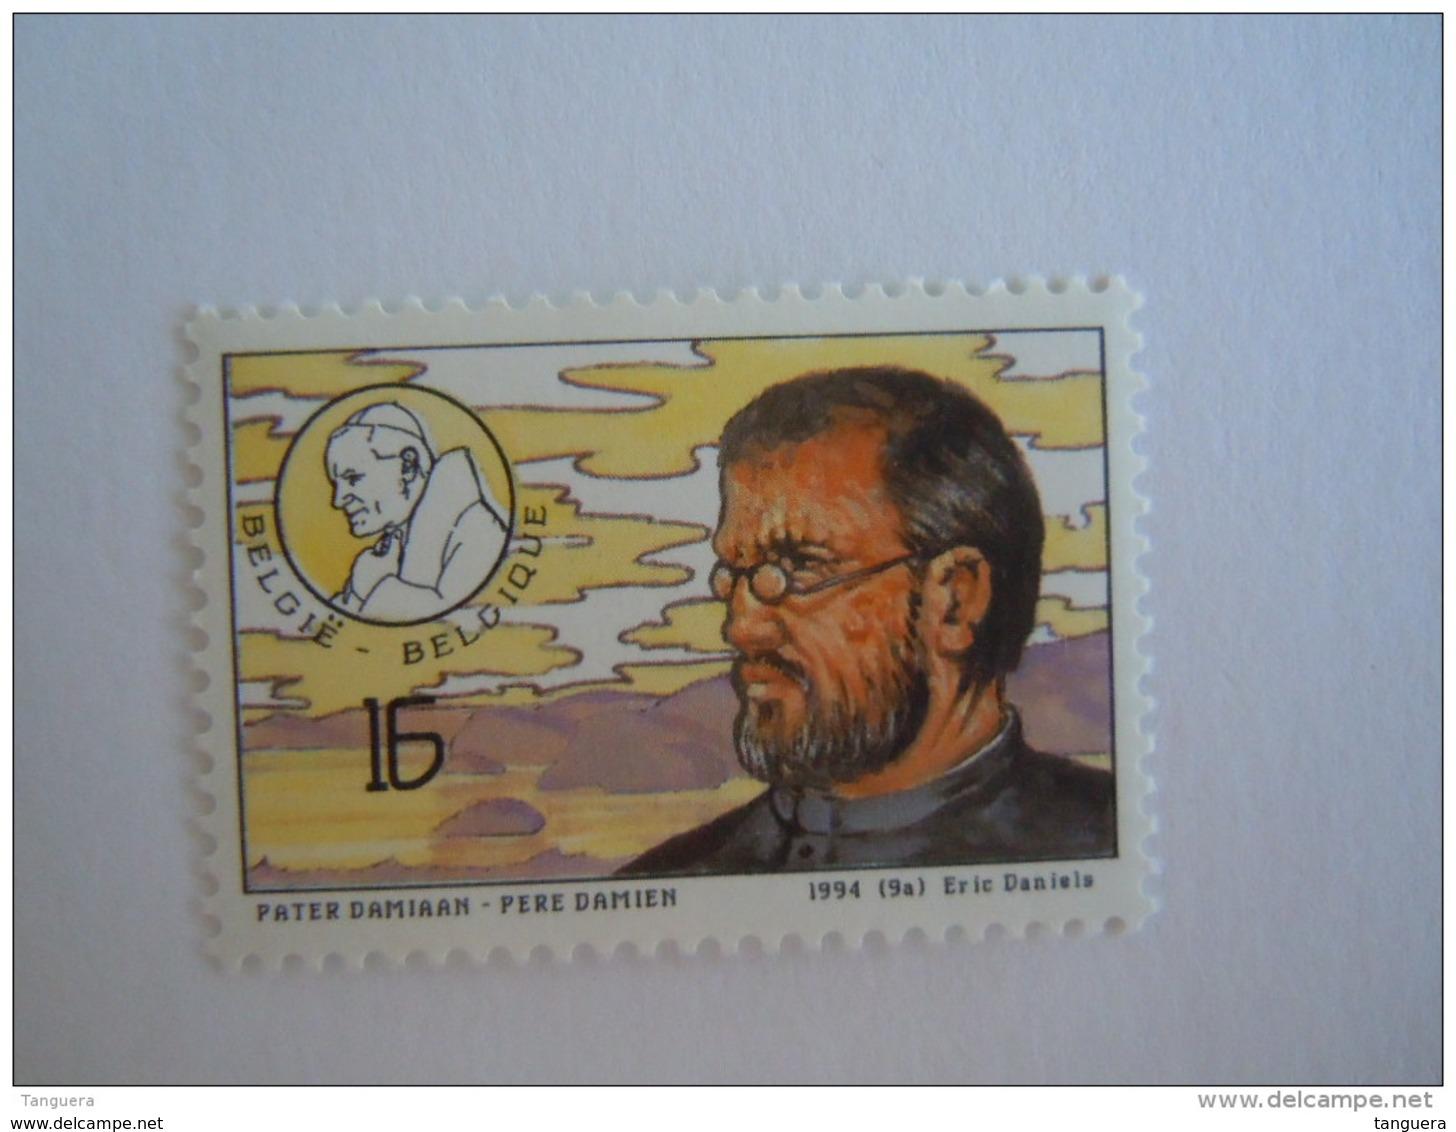 België Belgique 1994 Pater Damiaan Père Damien Paus Pape Cob 2557 Yv 2553 MNH ** - Ungebraucht